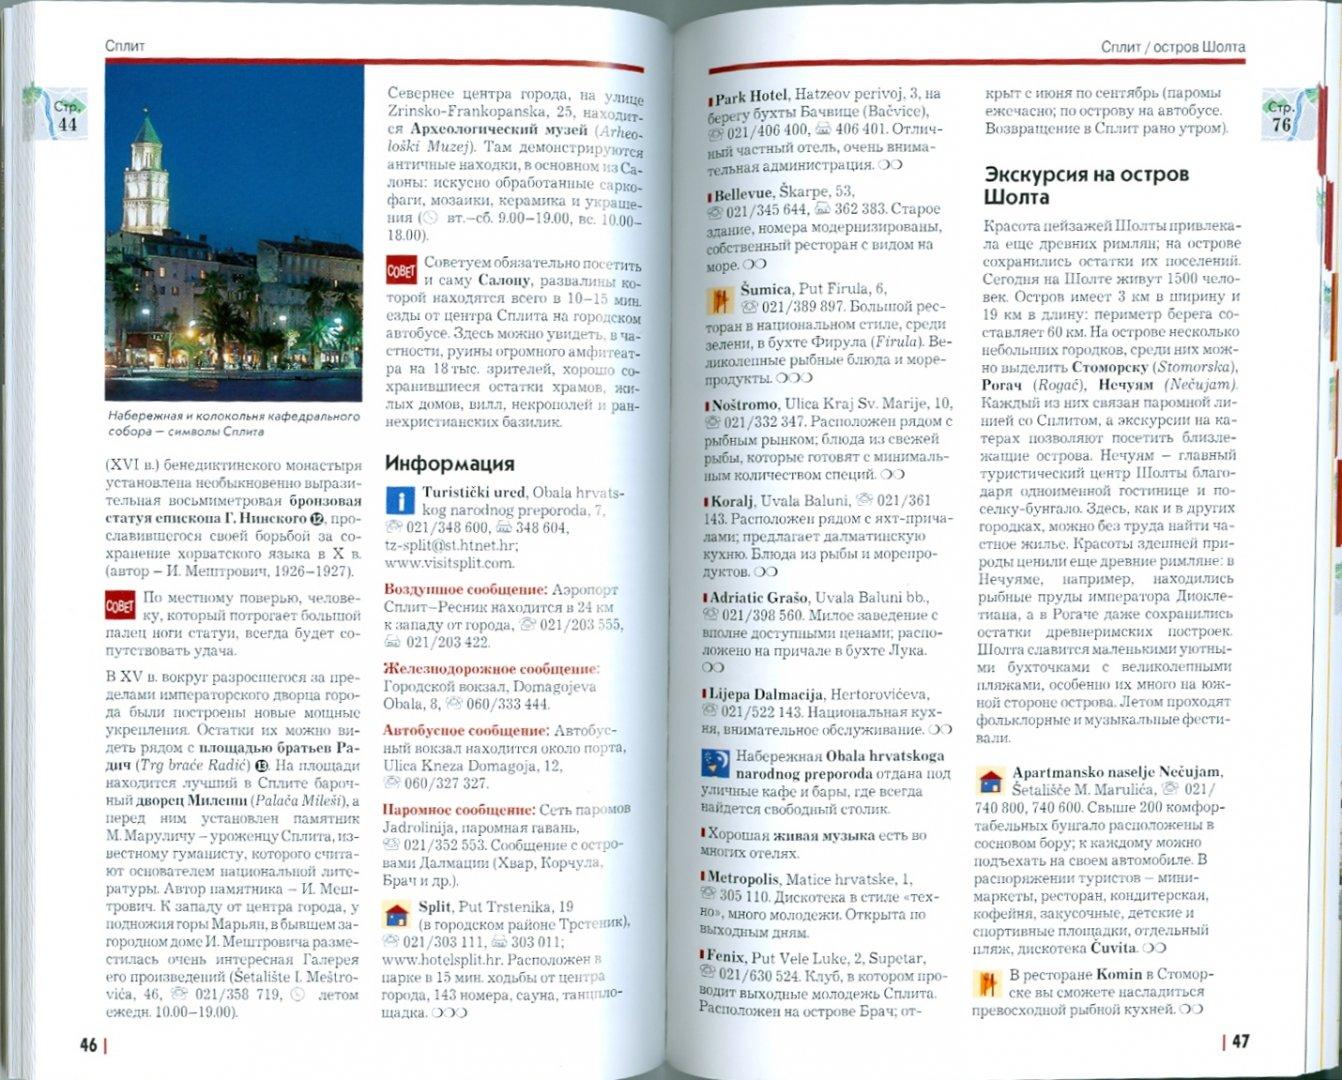 Иллюстрация 1 из 5 для Хорватия: Путеводитель с мини-разговорником - Мария Пернат | Лабиринт - книги. Источник: Лабиринт